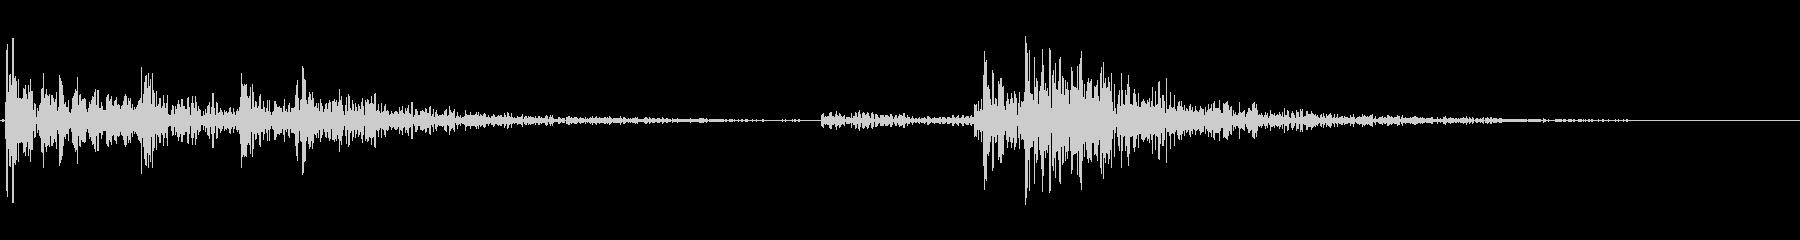 【生録音】ドームカバー・クロッシュの音の未再生の波形